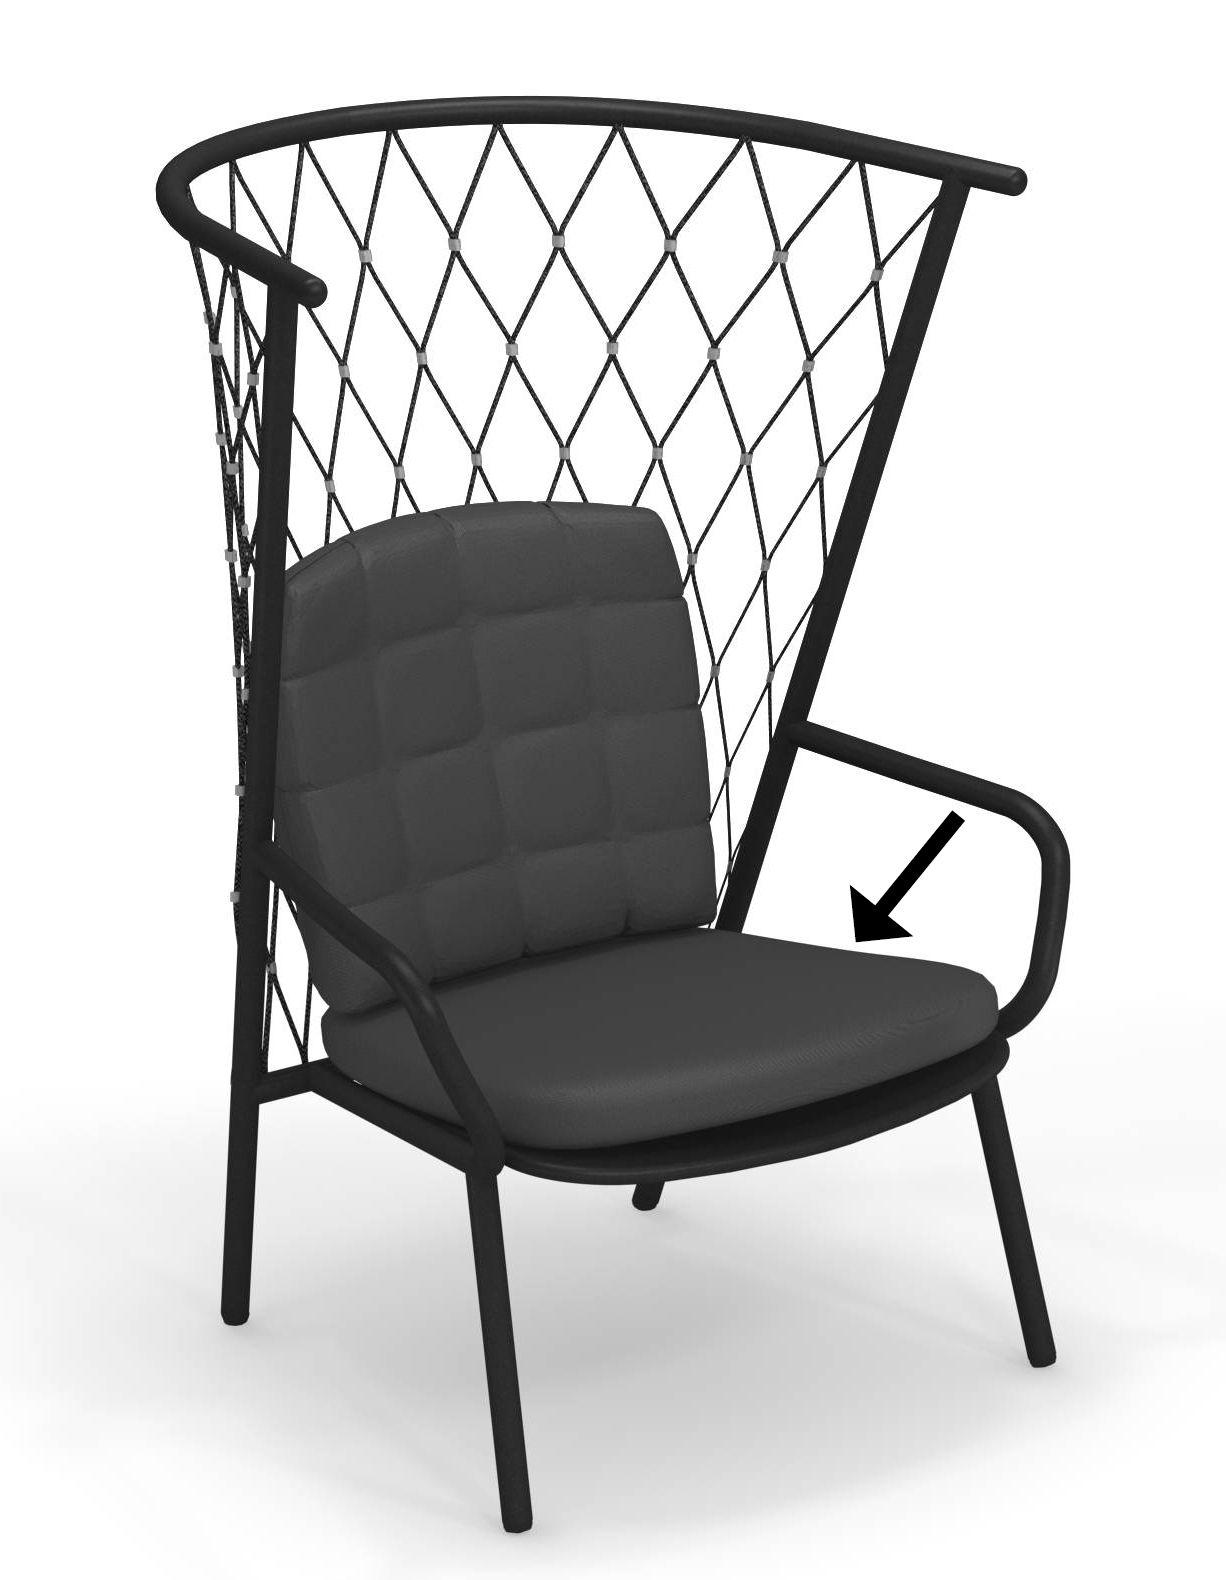 Arredamento - Poltrone design  - Cuscino - assise & Schienale / per poltrone basse Nef di Emu - Grigio scuro - Espanso, Tessuto acrilico